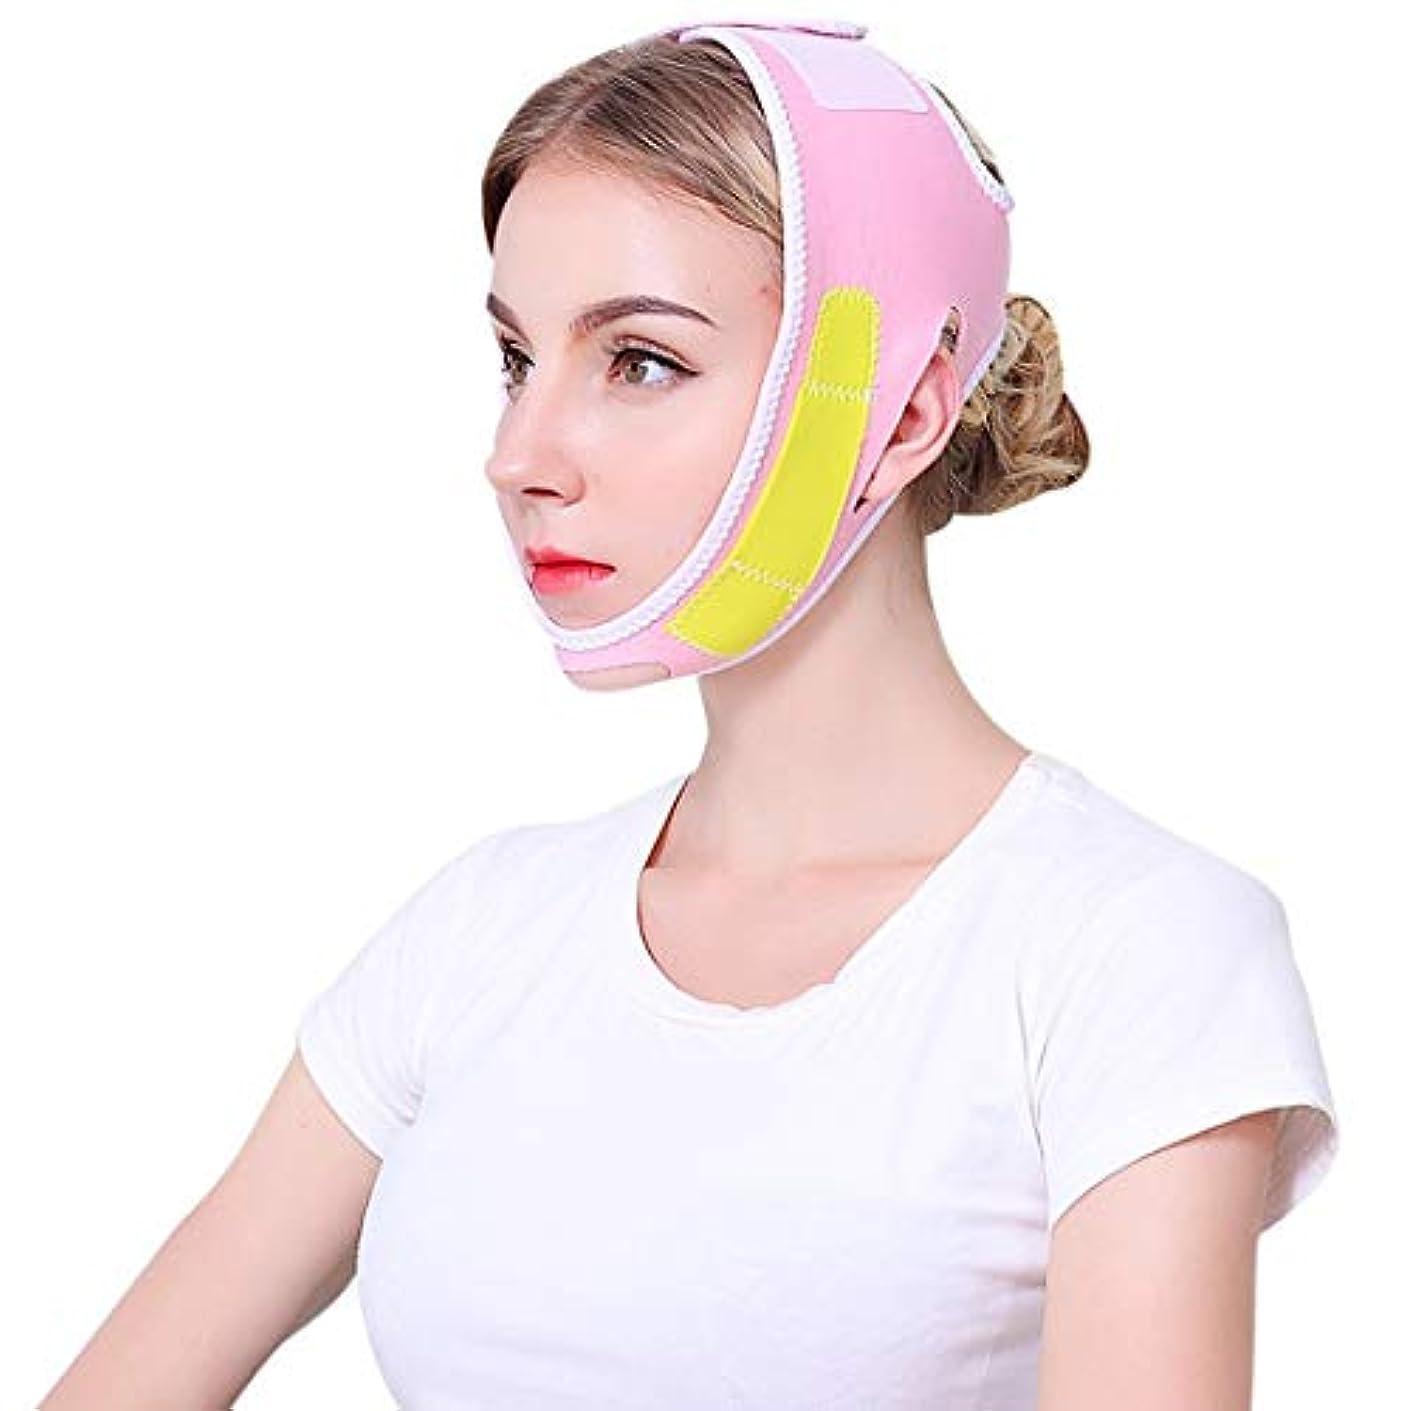 寛容な品揃え実り多いZWBD フェイスマスク, 薄い顔の包帯睡眠小さいv顔アーティファクトプル型二重あご線術後矯正薄い顔ステッカー